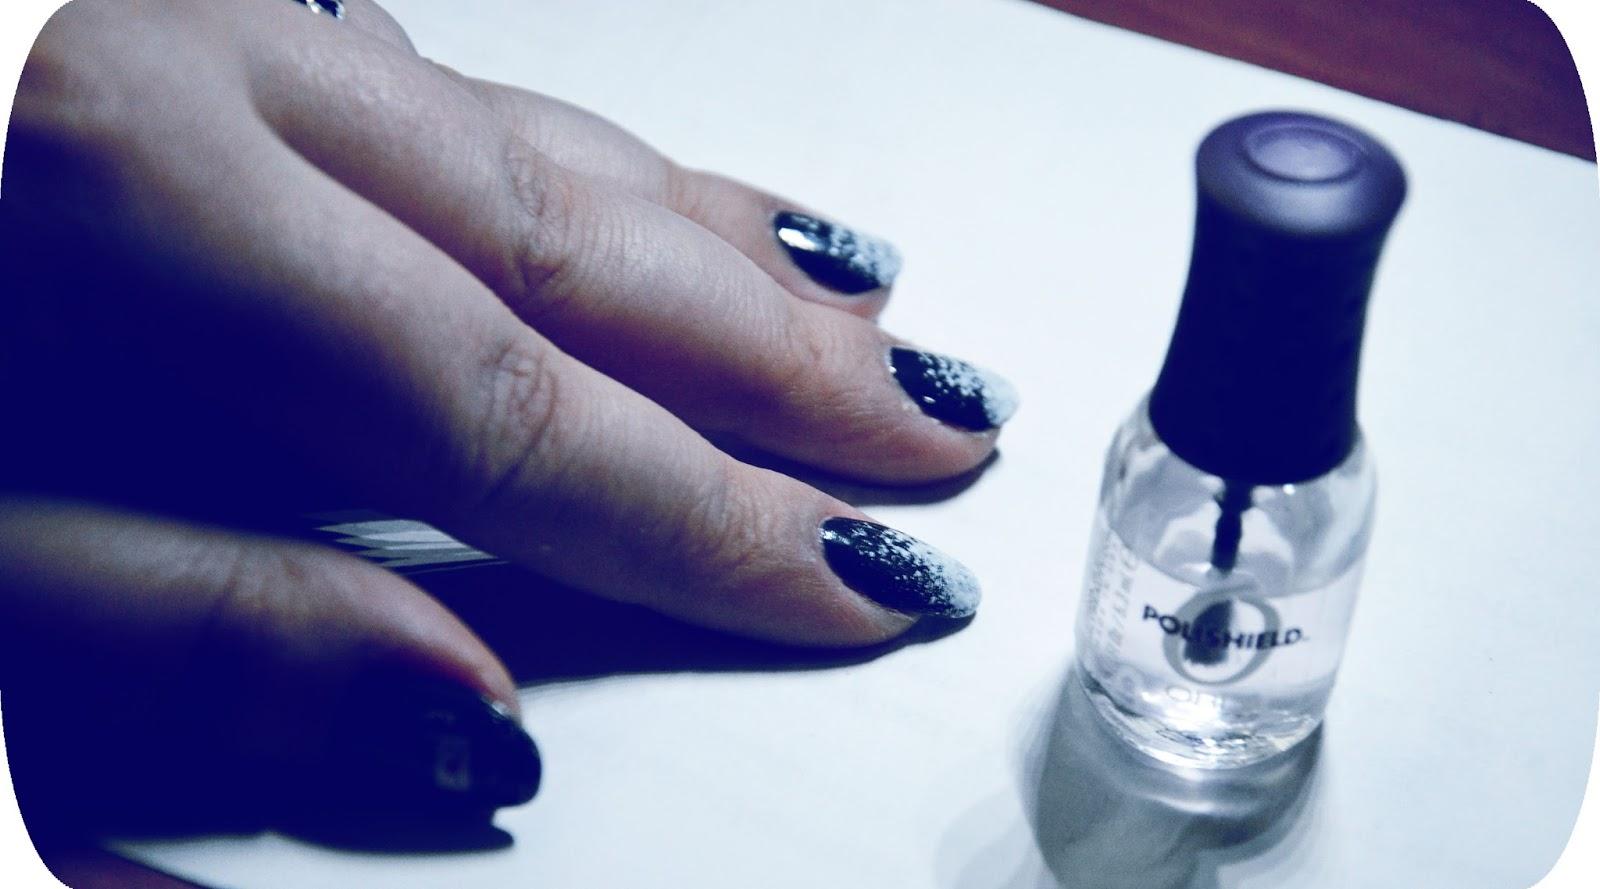 szybkie-odswiezenie-manicure